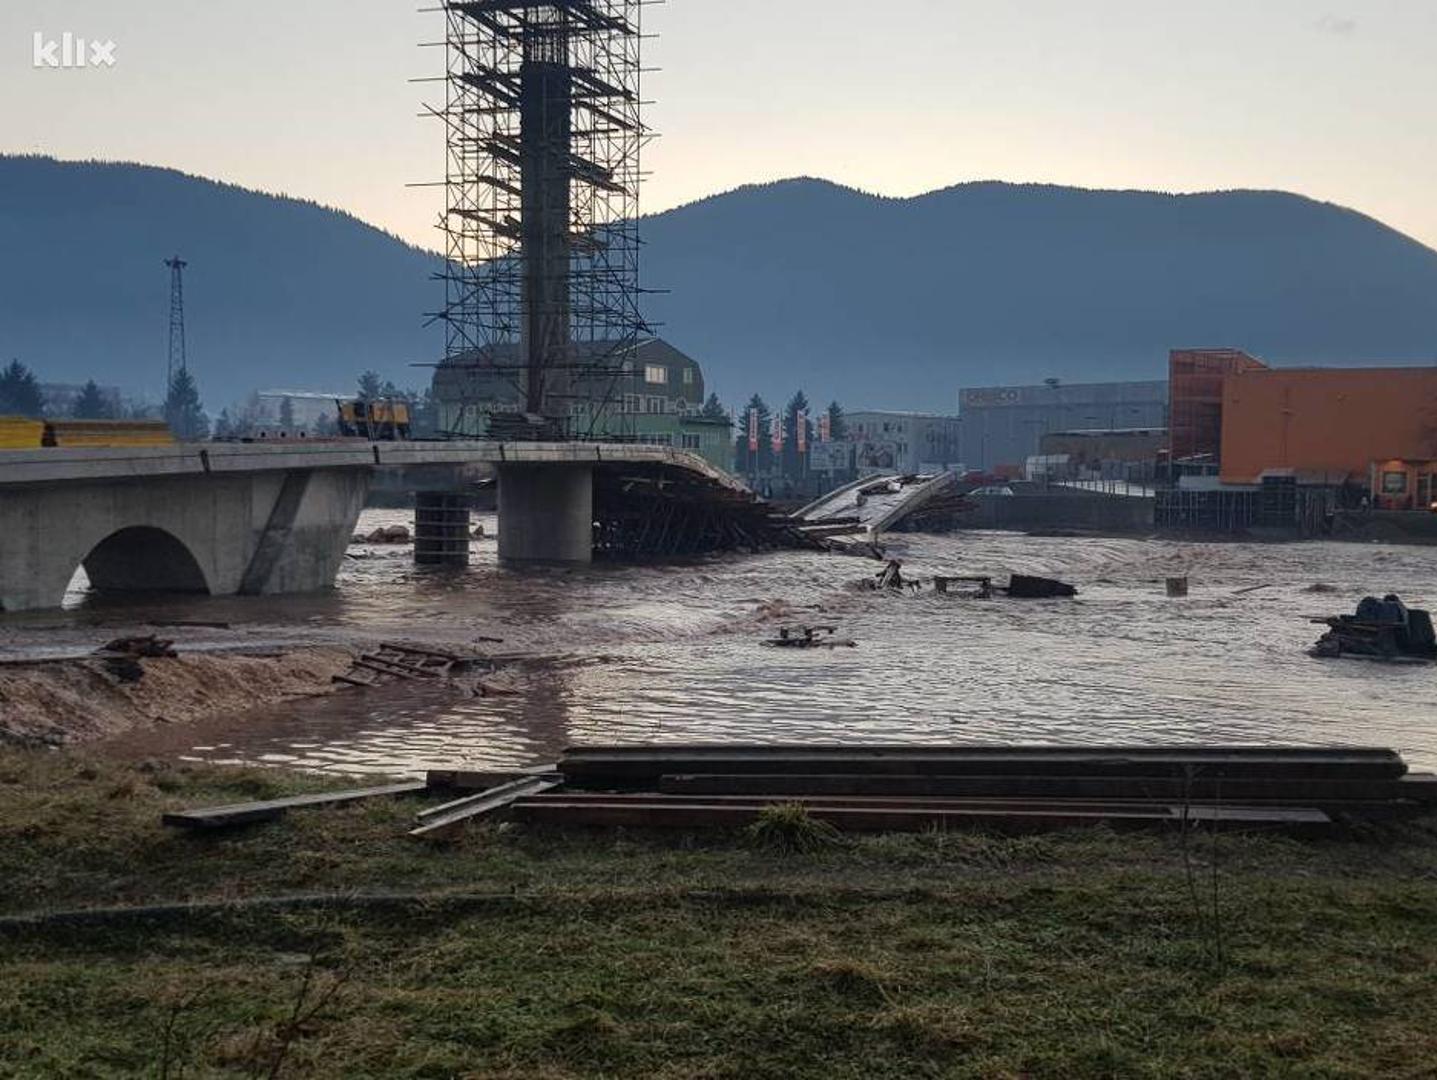 POPLAVE: Vodena bujica srušila most, odnijela put, problemi u prometu diljem BiH